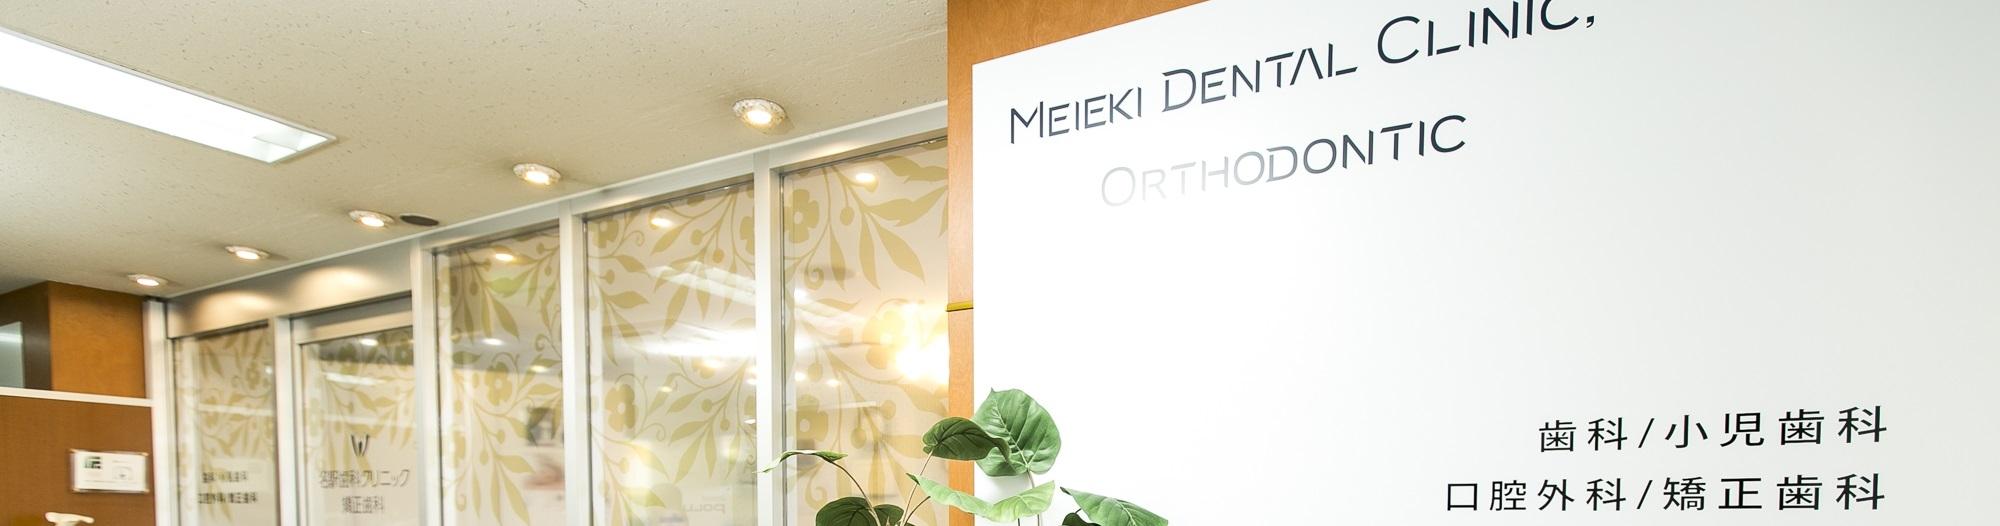 名駅歯科クリニックの玄関